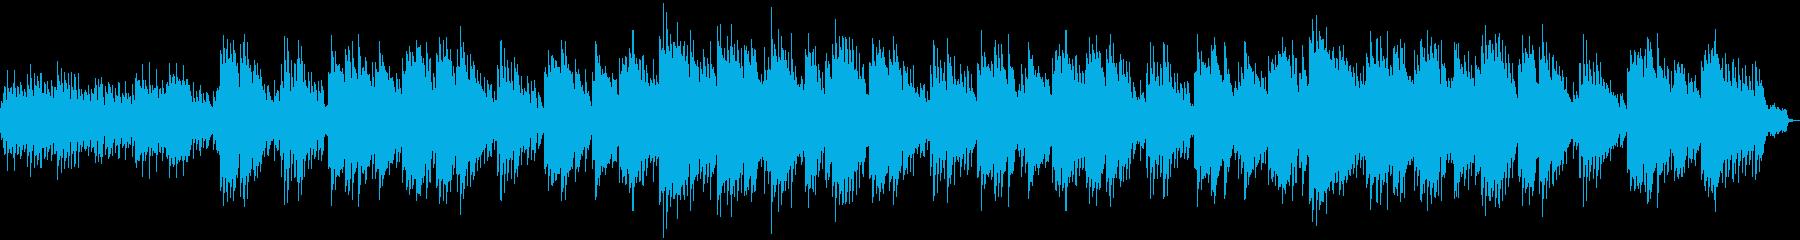 ほのぼのする映像に流れるBGMの再生済みの波形